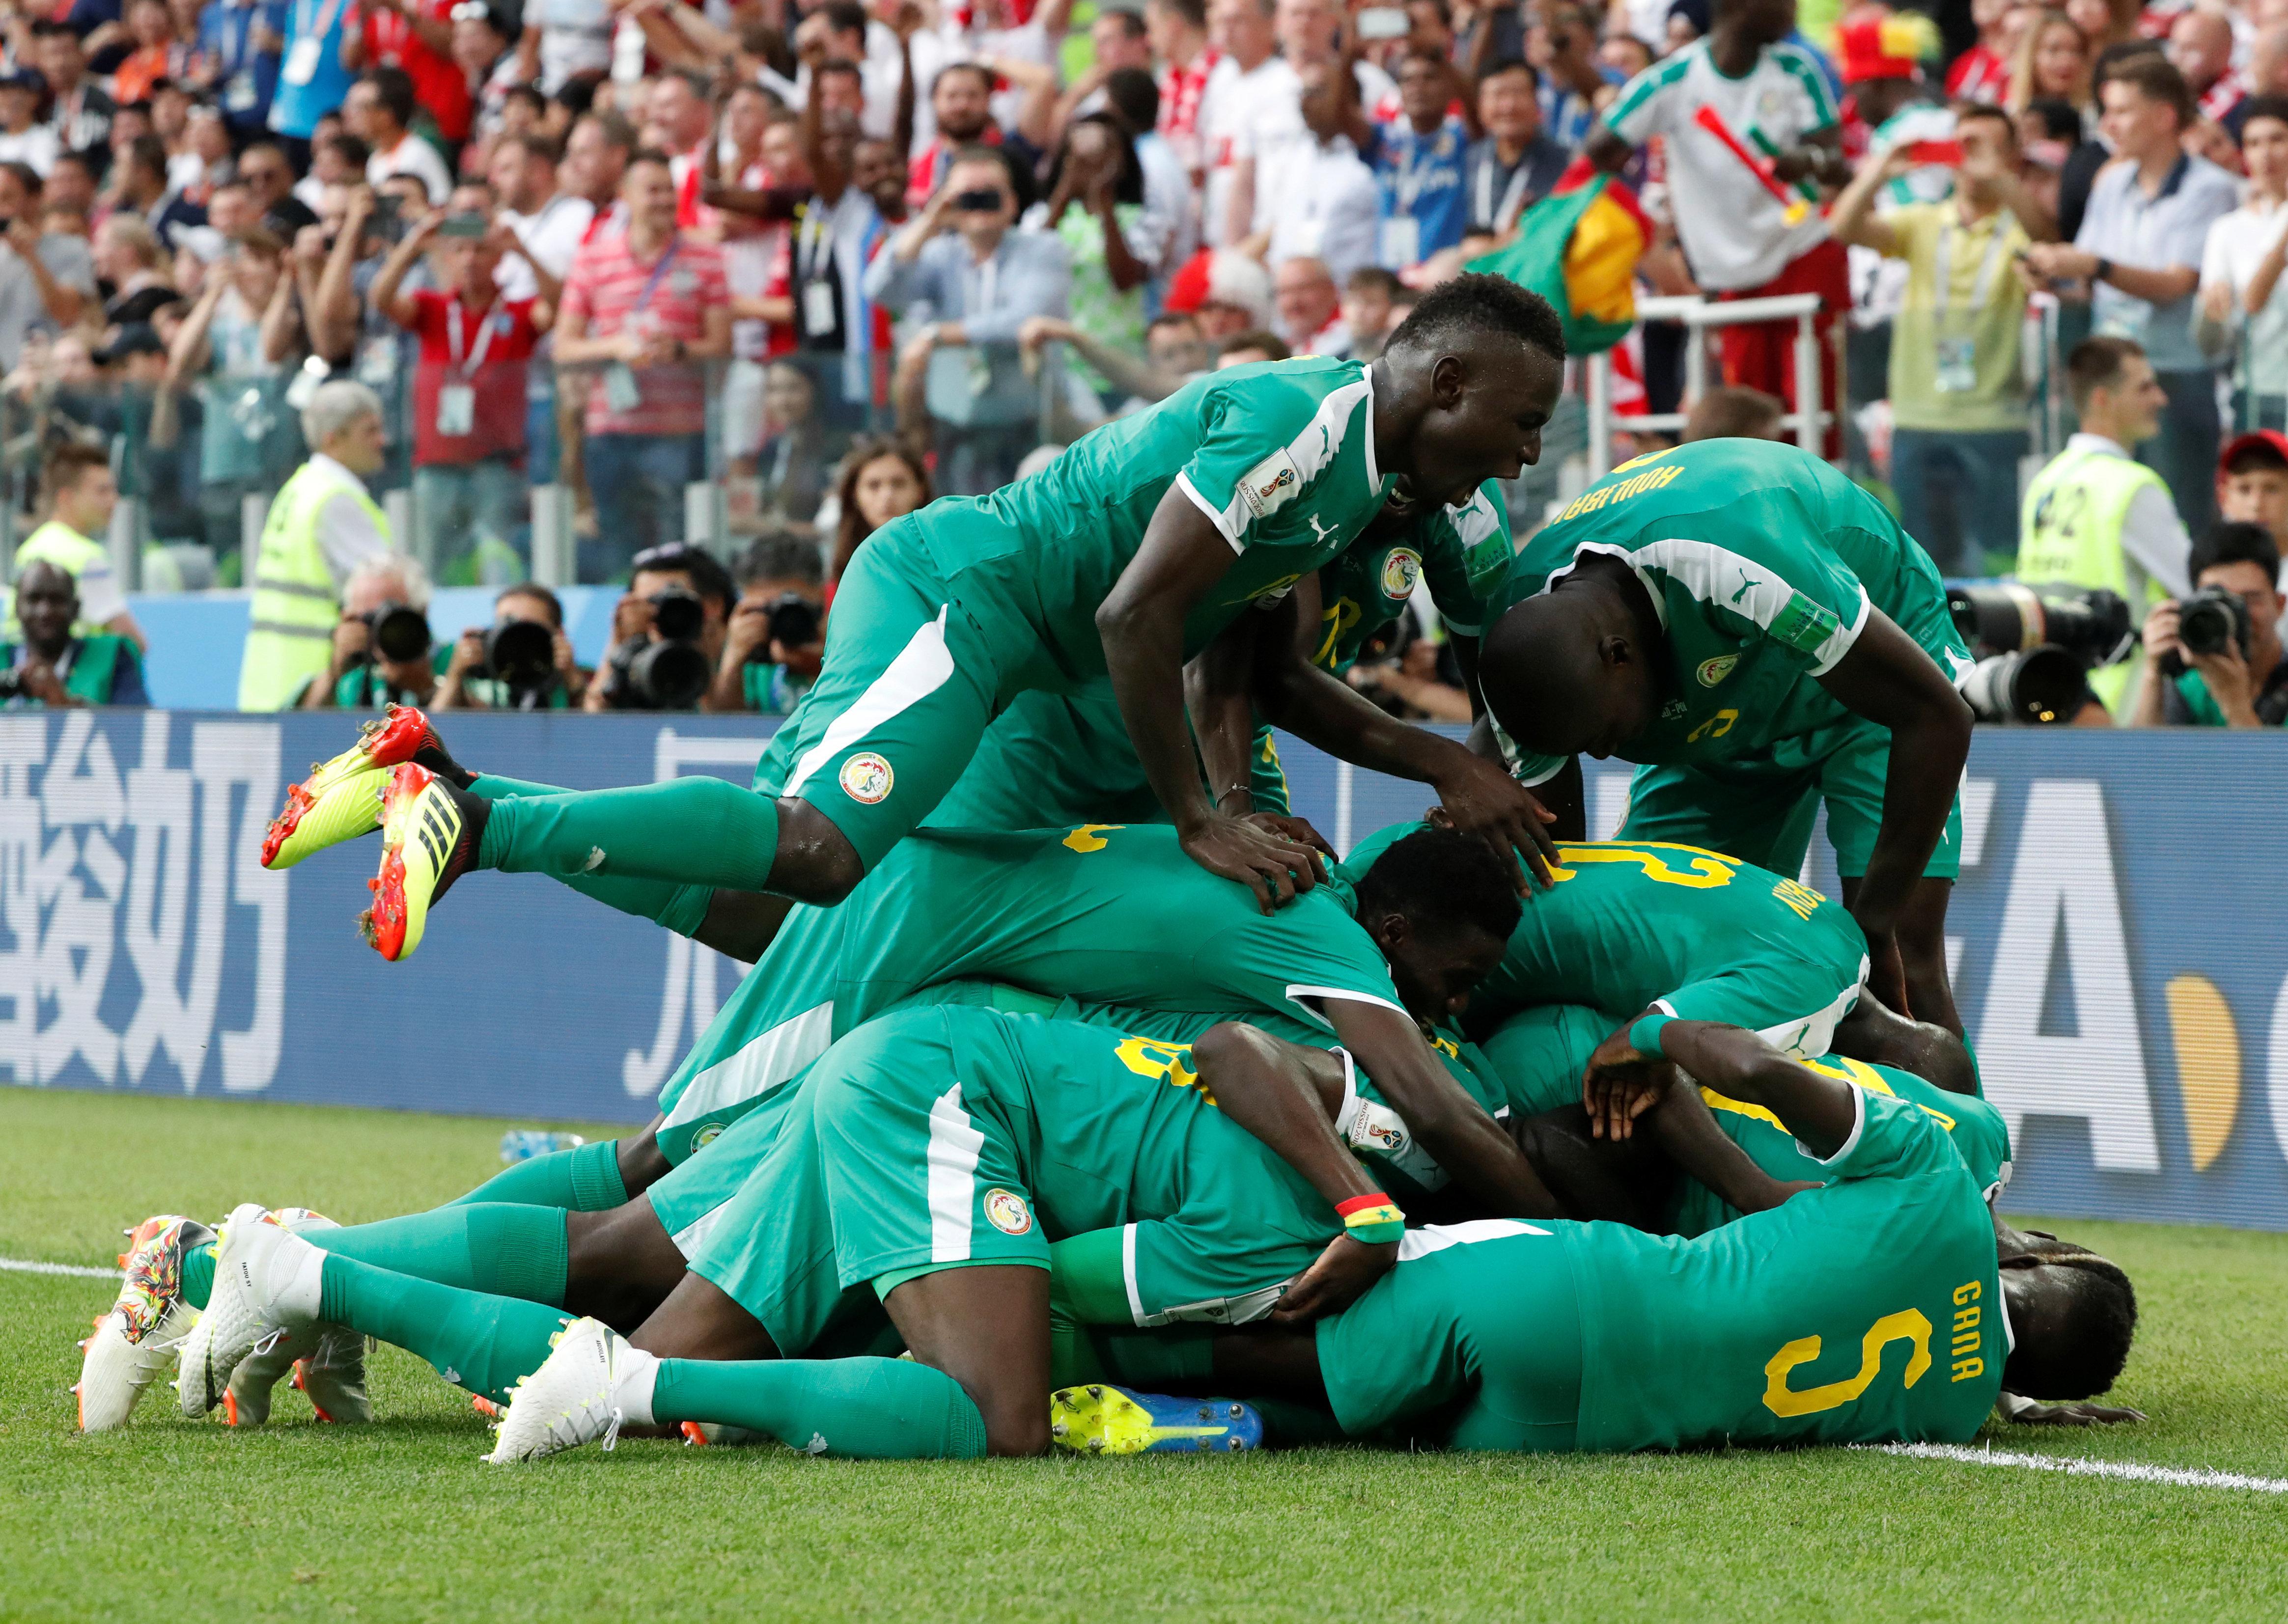 13 Gründe, warum der Senegal es verdient hätte, Fußball-Weltmeister zu